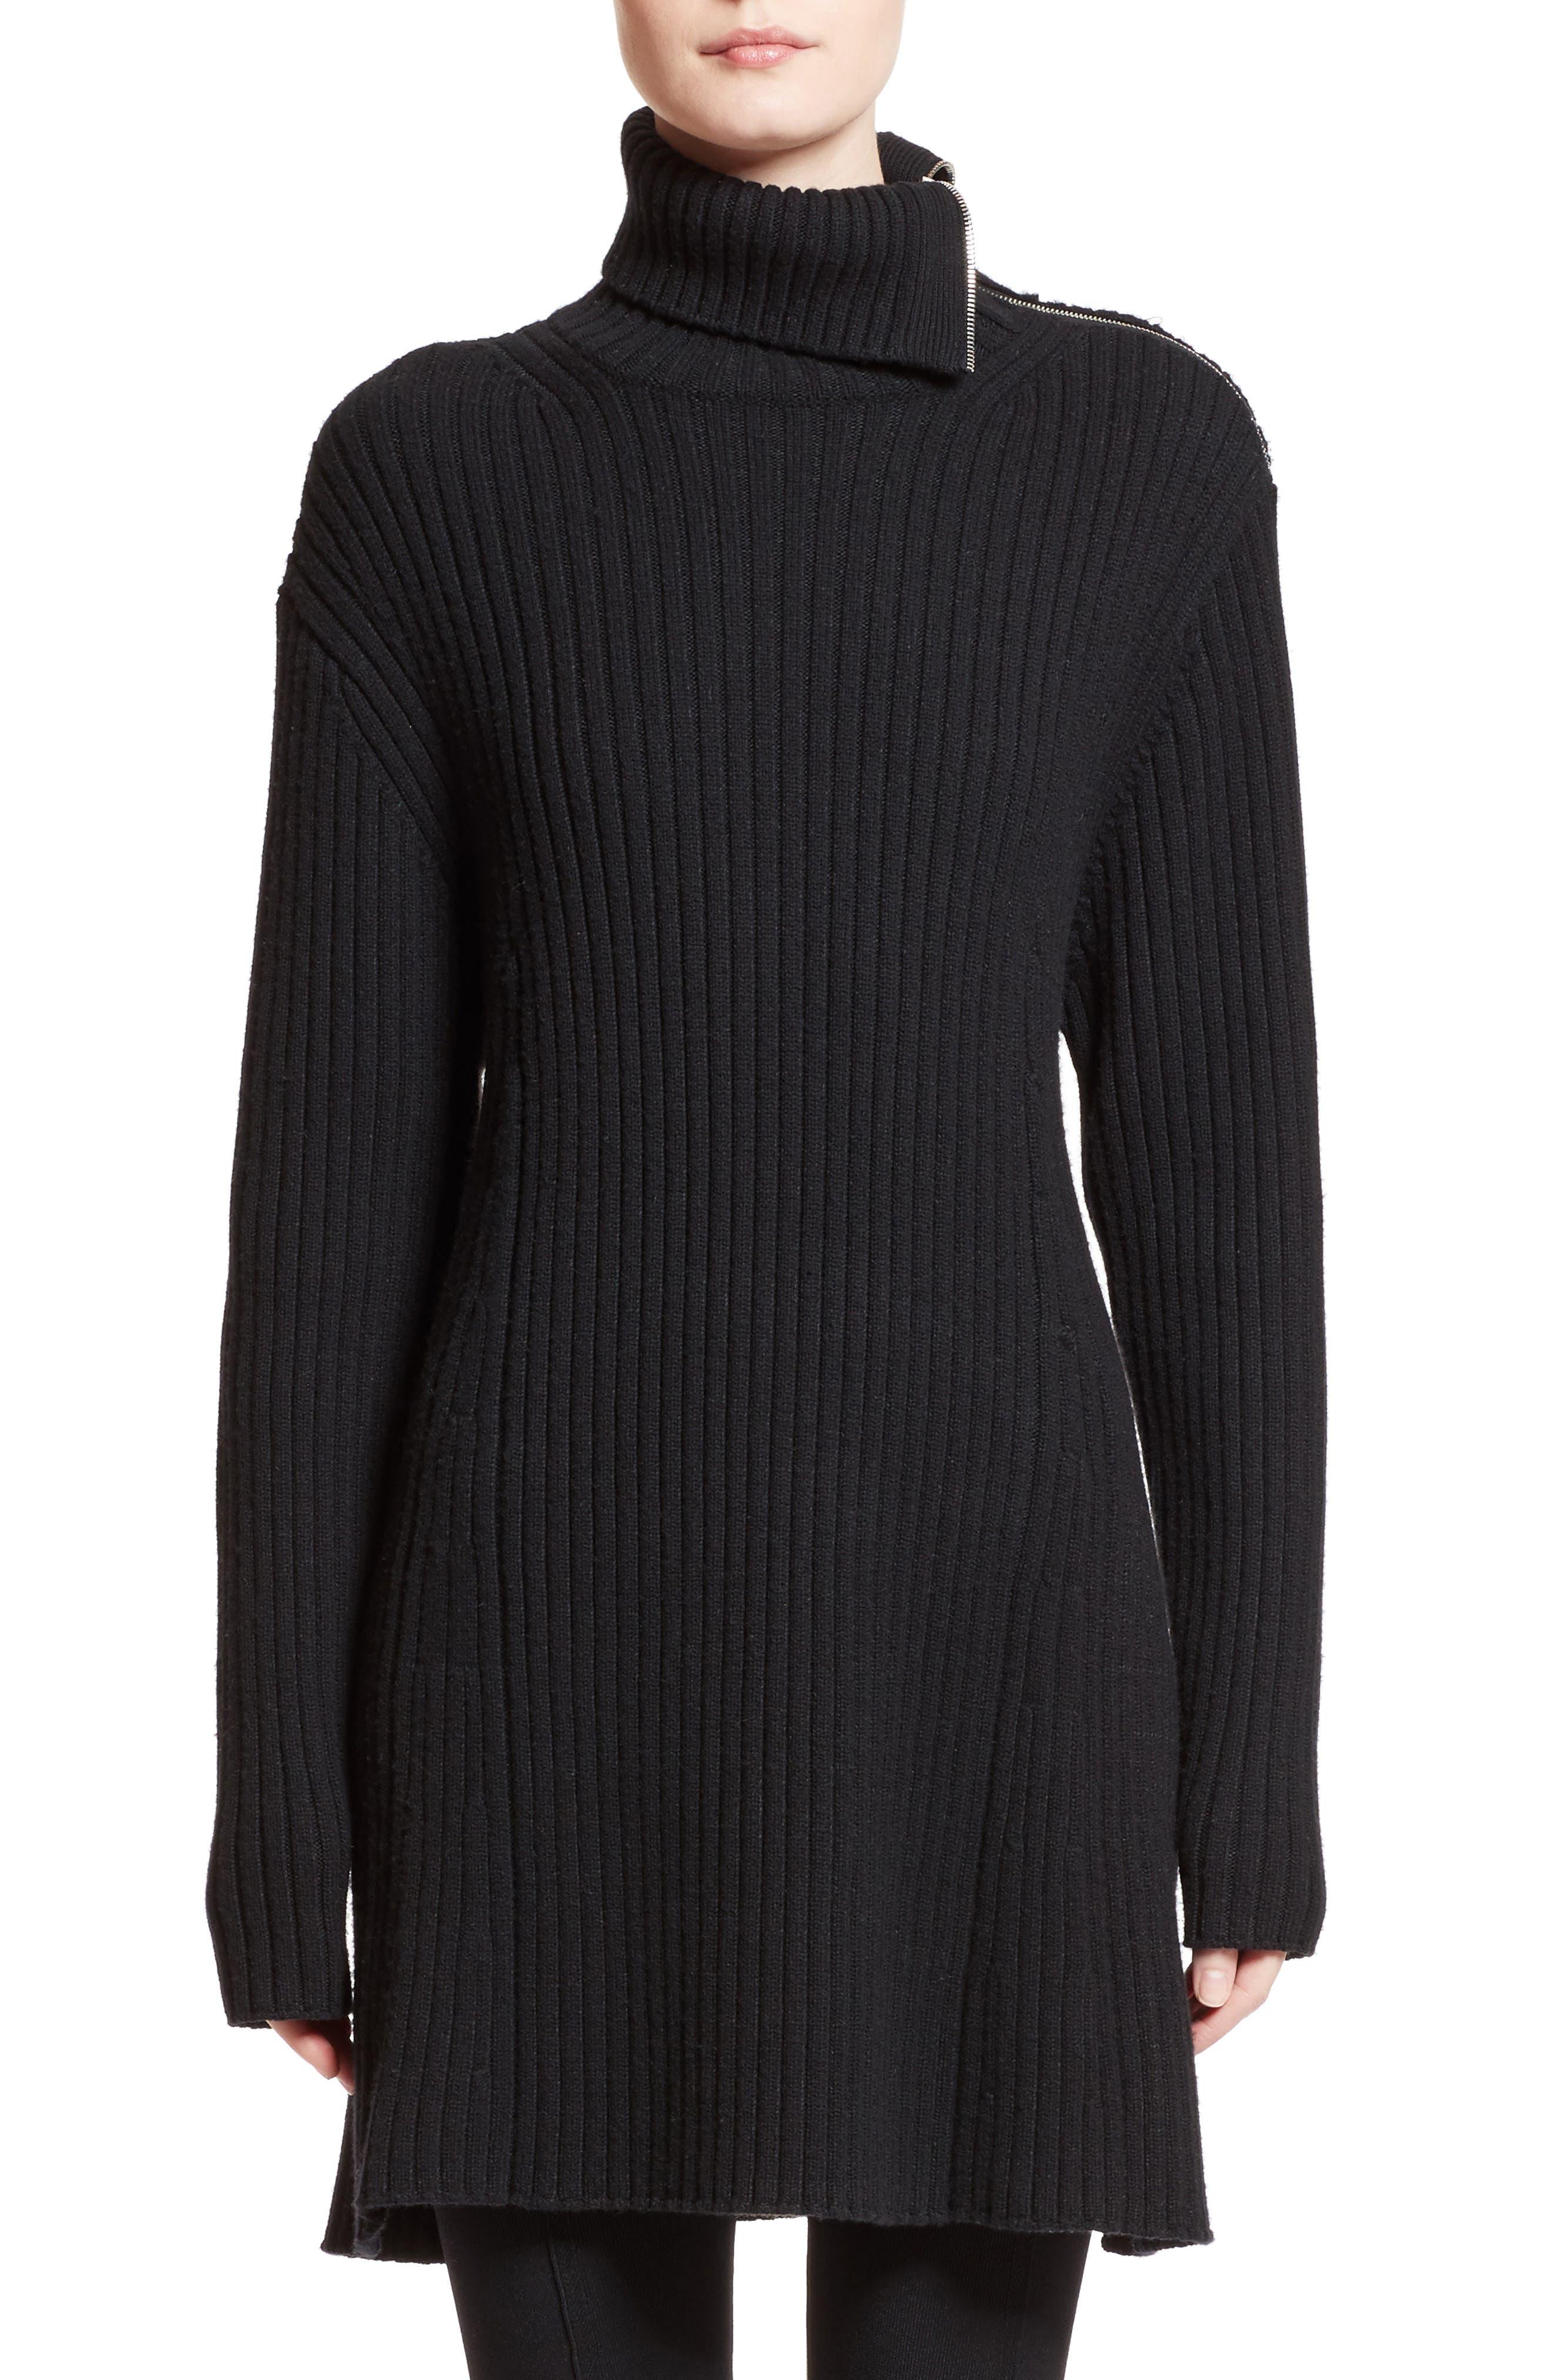 Proenza Schouler Wool & Cashmere Blend Turtleneck Dress